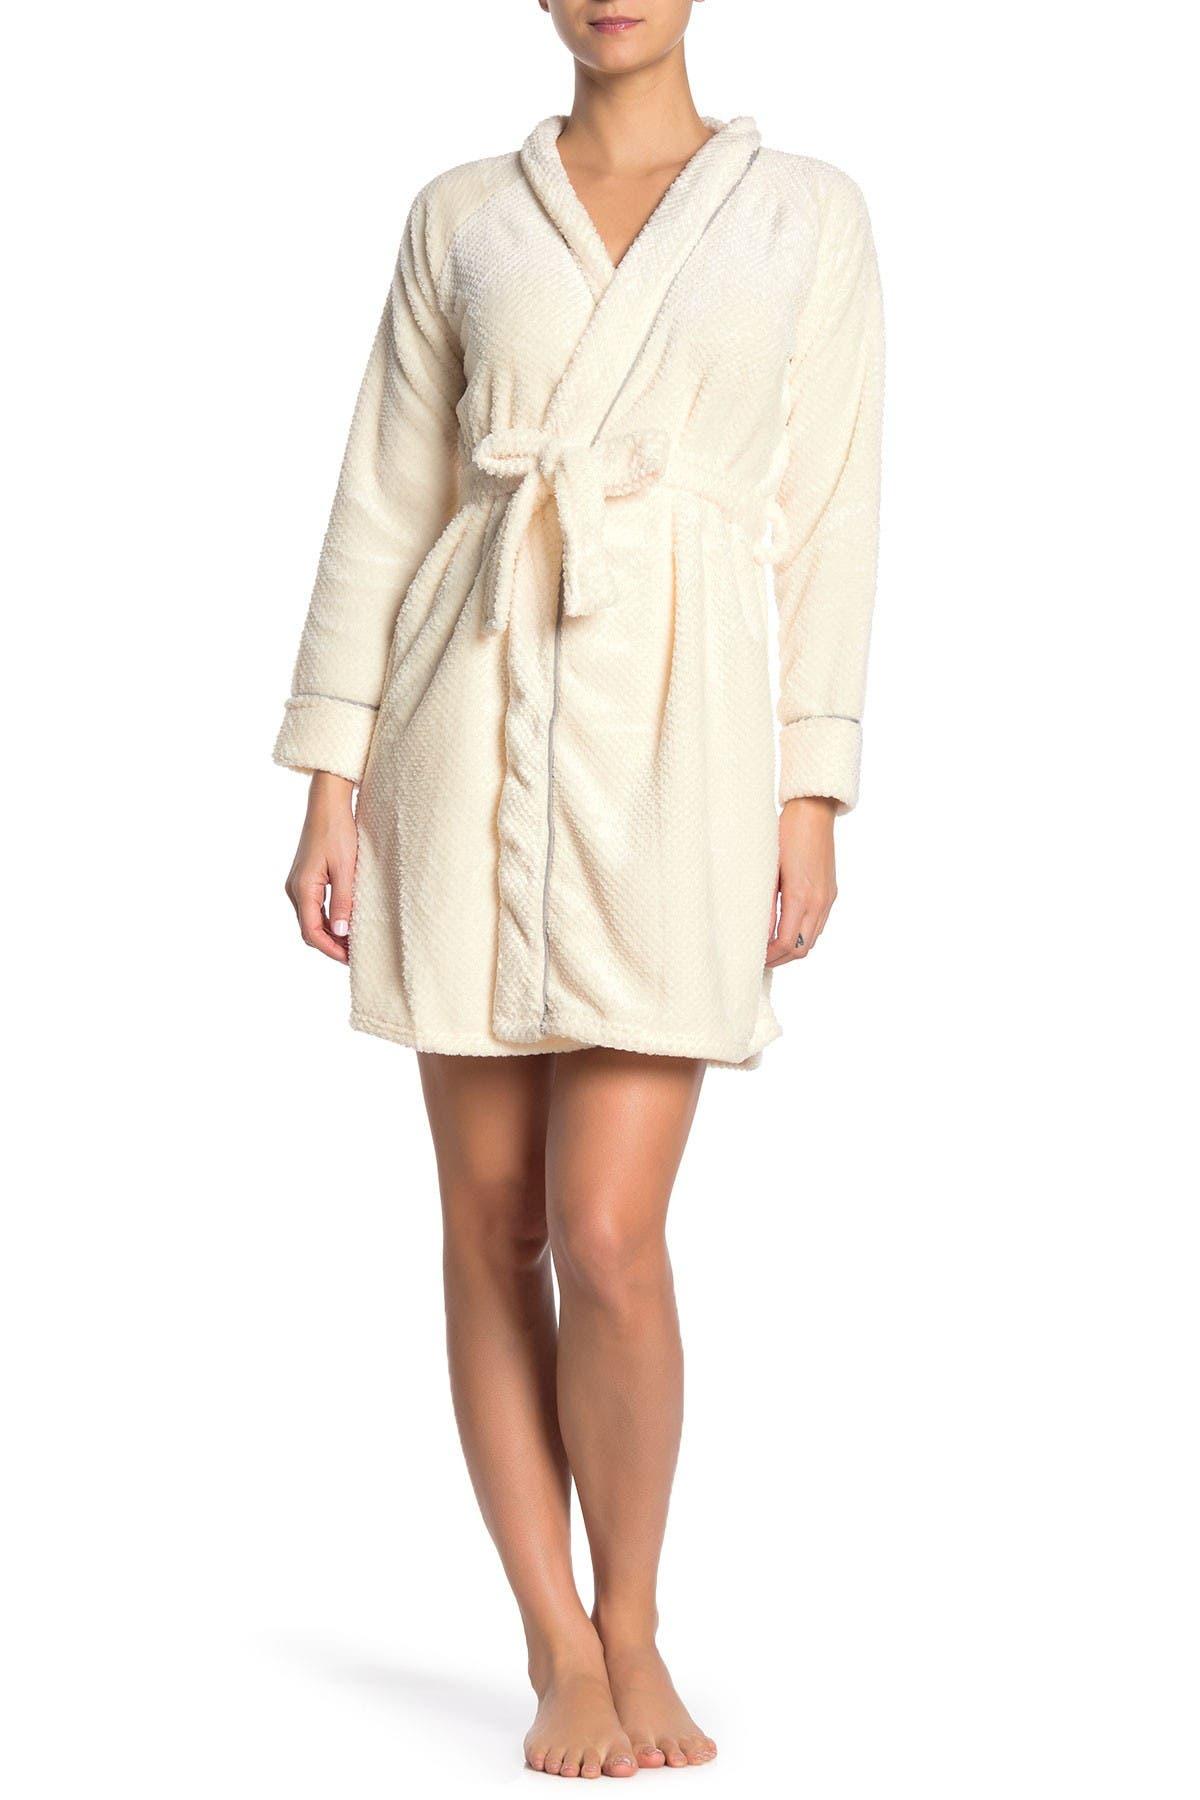 Image of Tahari Honeycomb Plush Robe